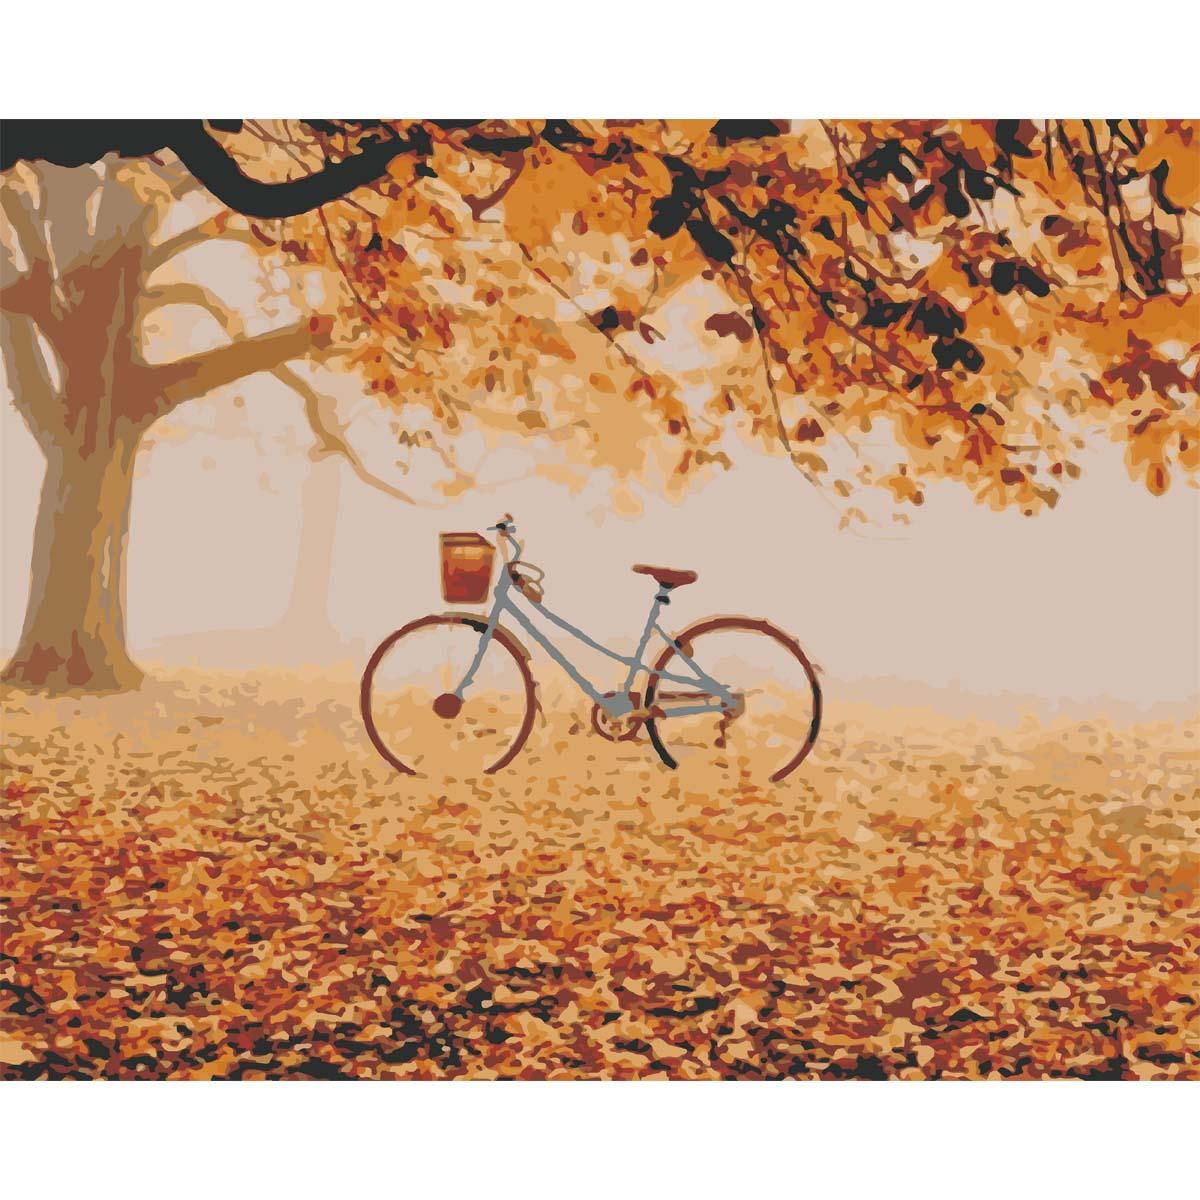 HS0264 Набор для рисования по номерам 'Осенний парк' 40*50см